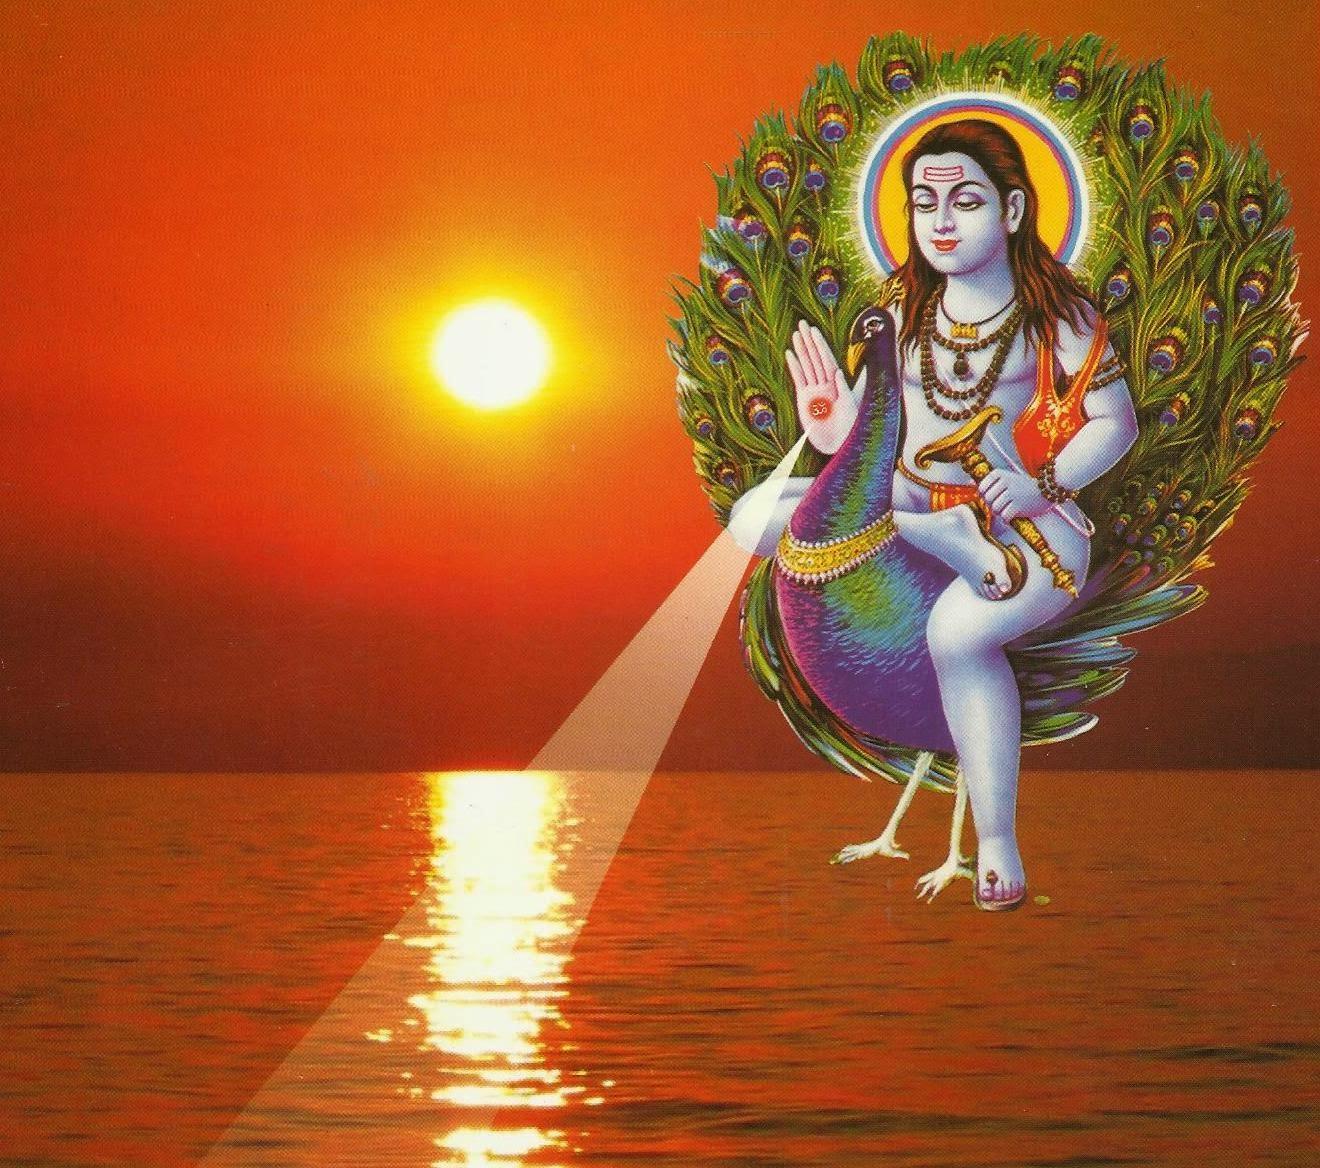 Lord Narasimha Miracles Images Photos Wallpapers Hd 2018: HiNDU GOD: BABA BALAKNATH